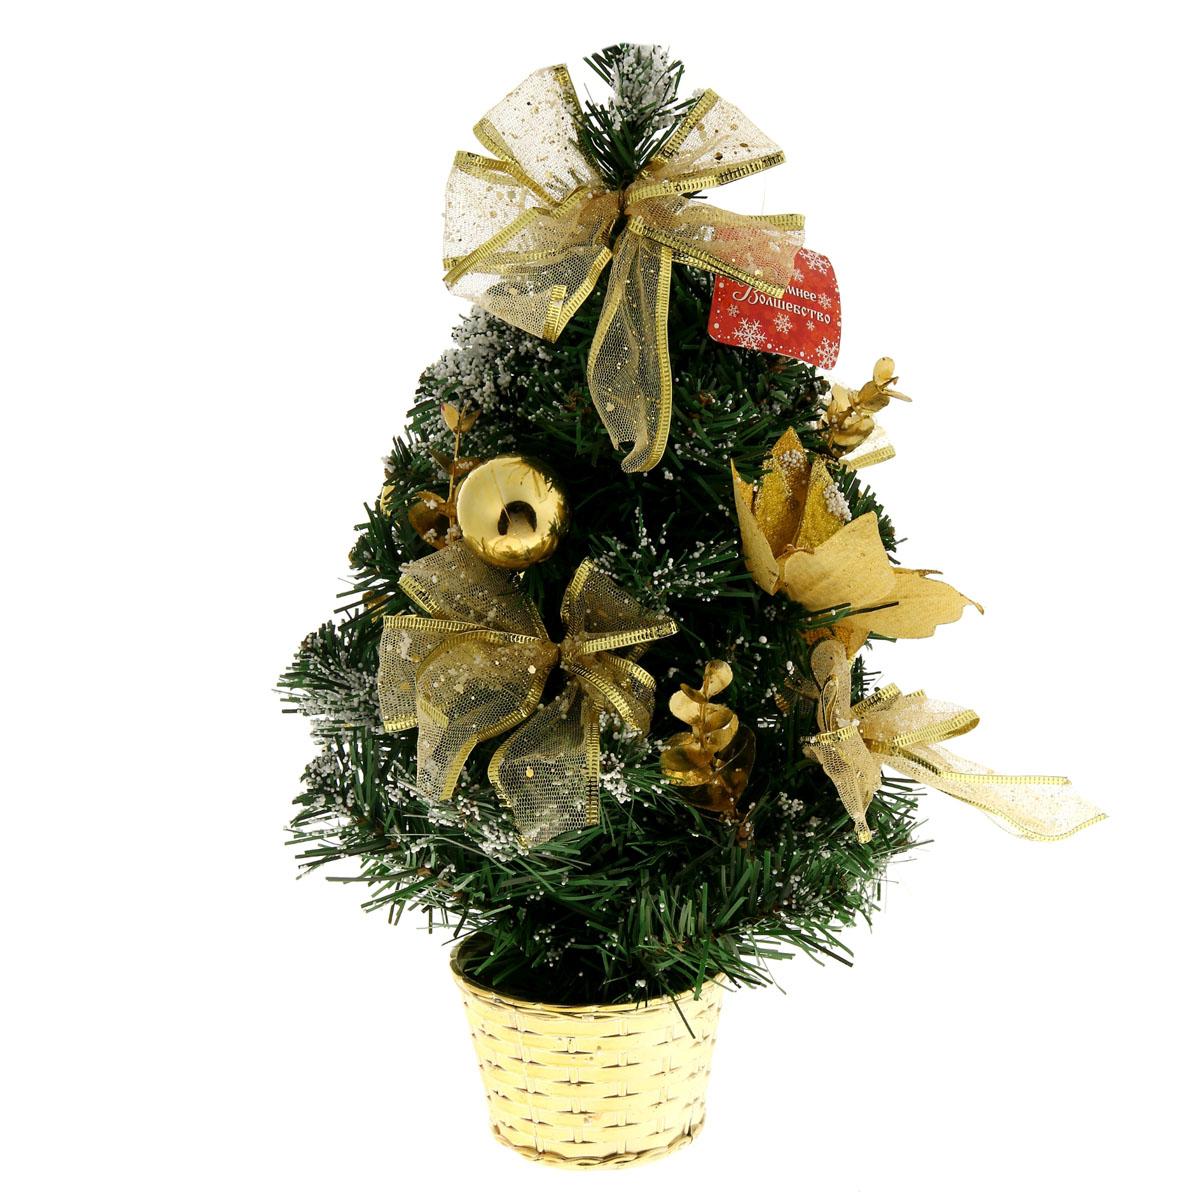 Декоративное украшение Sima-land Новогодняя елочка, цвет: золотистый, зеленый, высота 40 см. 819246819246Декоративное украшение Sima-land, выполненное из пластика - мини-елочка для оформления интерьера к Новому году. Ее не нужно ни собирать, ни наряжать, зато настроение праздника она создает очень быстро.Елка украшена текстильными бантами, шарами, цветами и белыми шариками в виде снега. Елка украсит интерьер вашего дома или офиса к Новому году и создаст теплую и уютную атмосферу праздника.Откройте для себя удивительный мир сказок и грез. Почувствуйте волшебные минуты ожидания праздника, создайте новогоднее настроение вашим дорогим и близким.